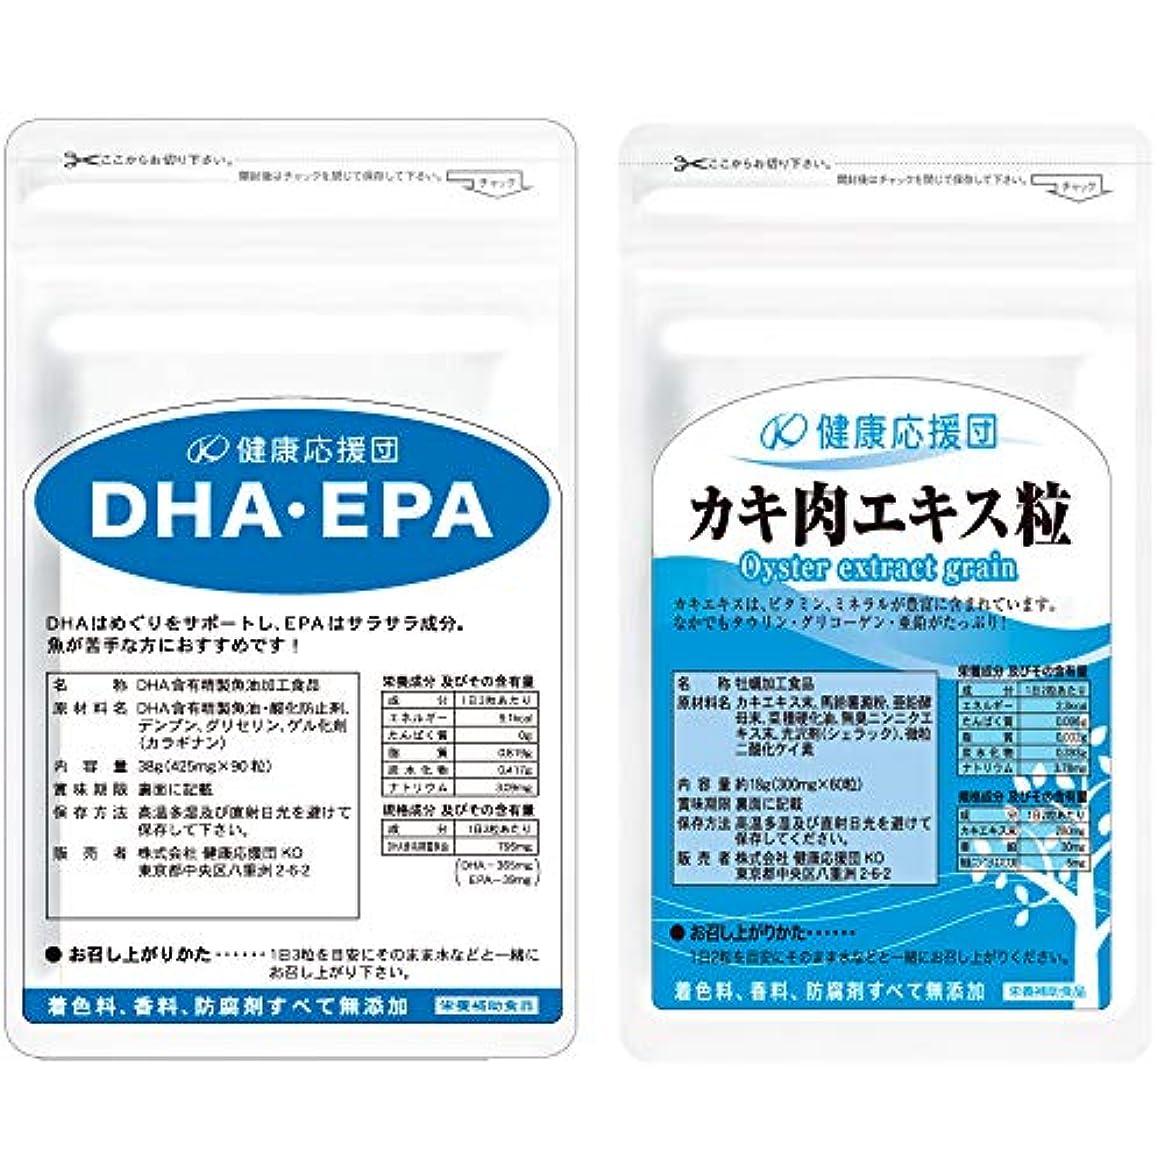 硬さオーナーカリキュラム【DHA?EPA】&【濃縮牡蠣エキス粒】 肝臓の応援セット!肝臓の数値が高めの方にお勧め!